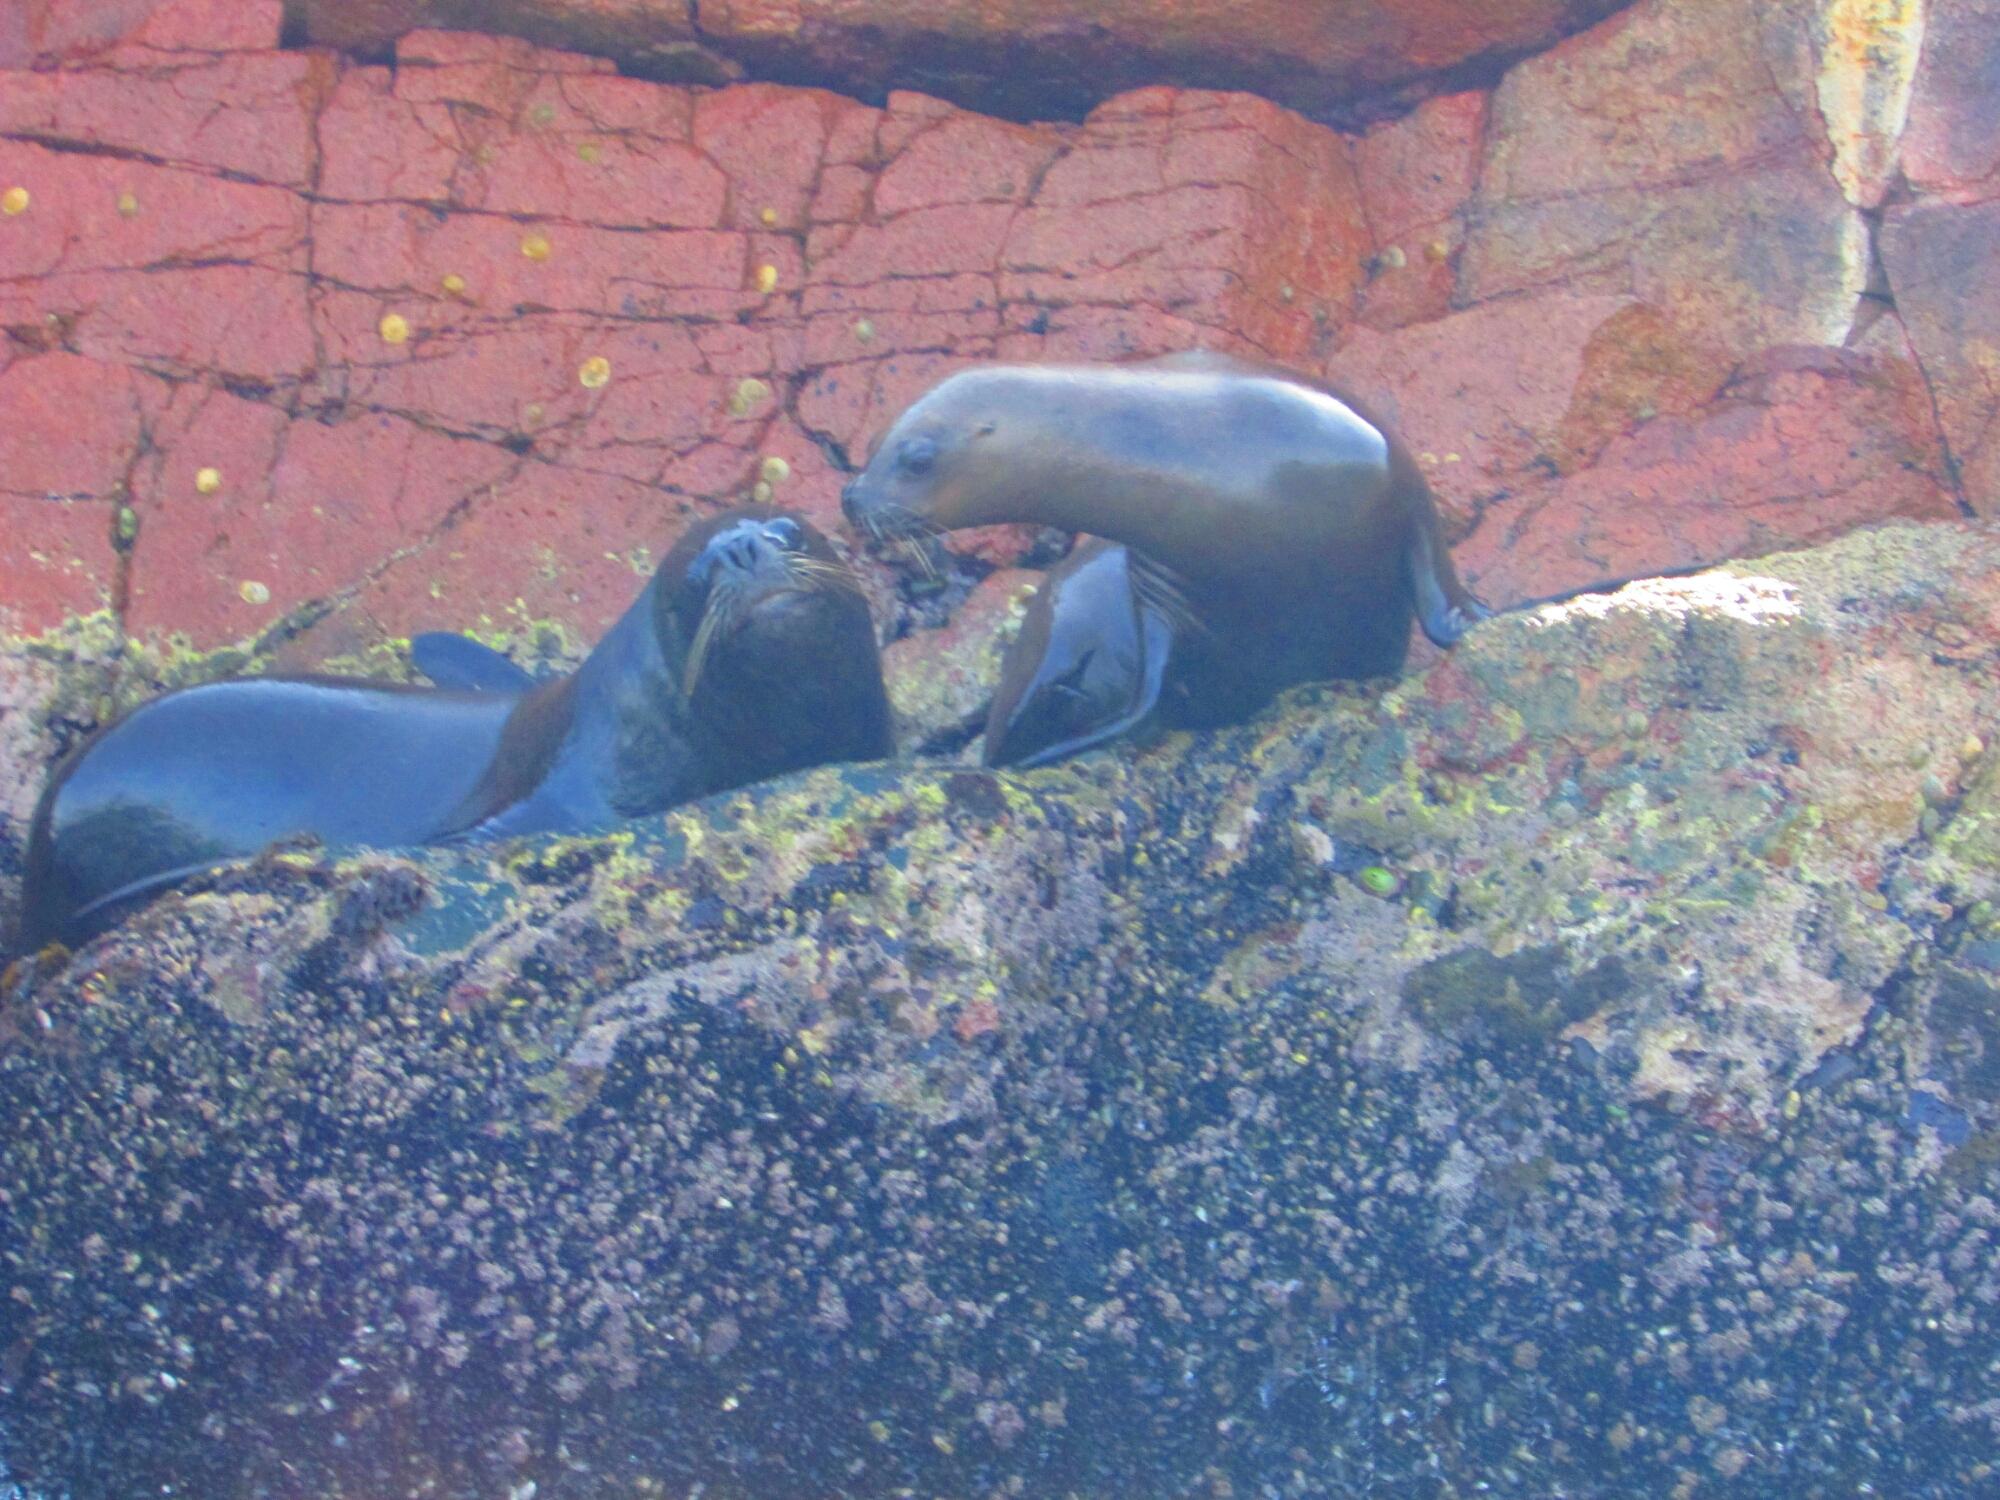 dos lobos marinos dándose un beso en Isla Ballesta en Paracas, Perú